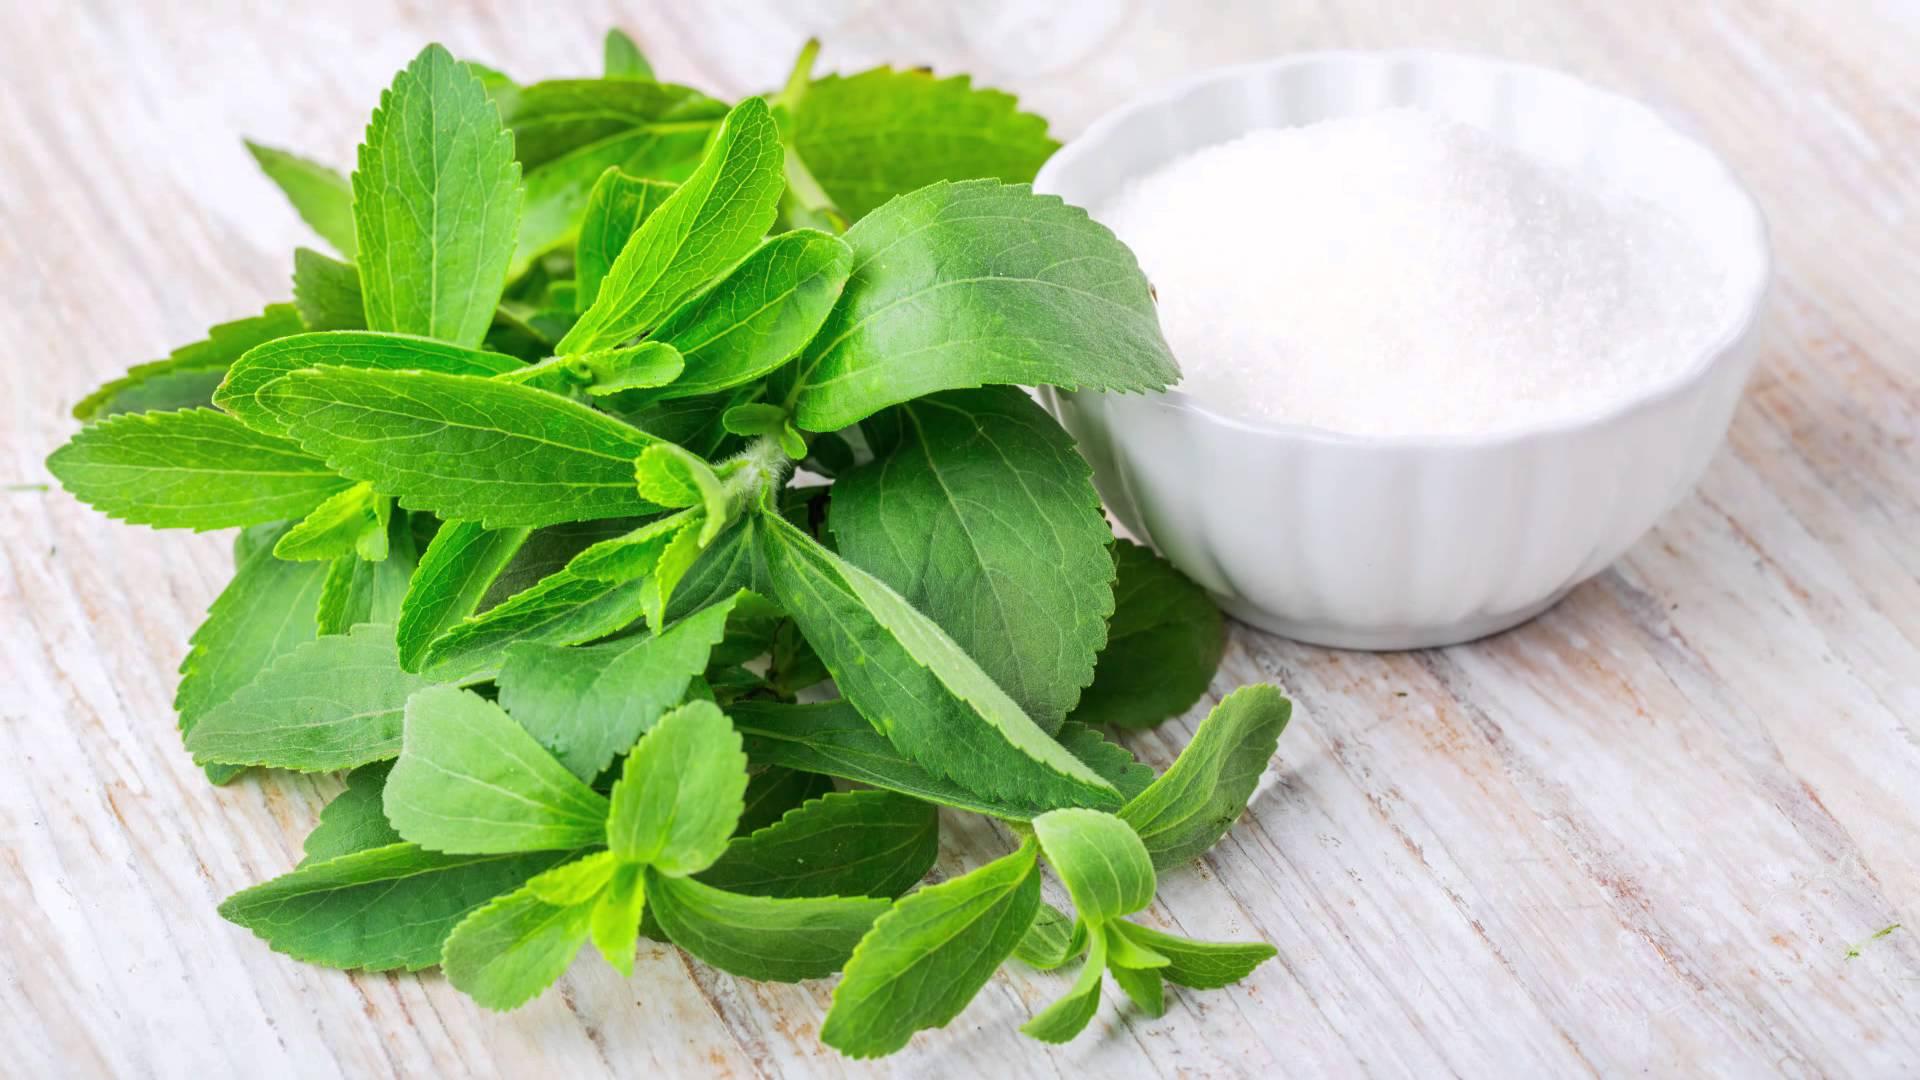 ¿Cuál es el origen de la stevia?